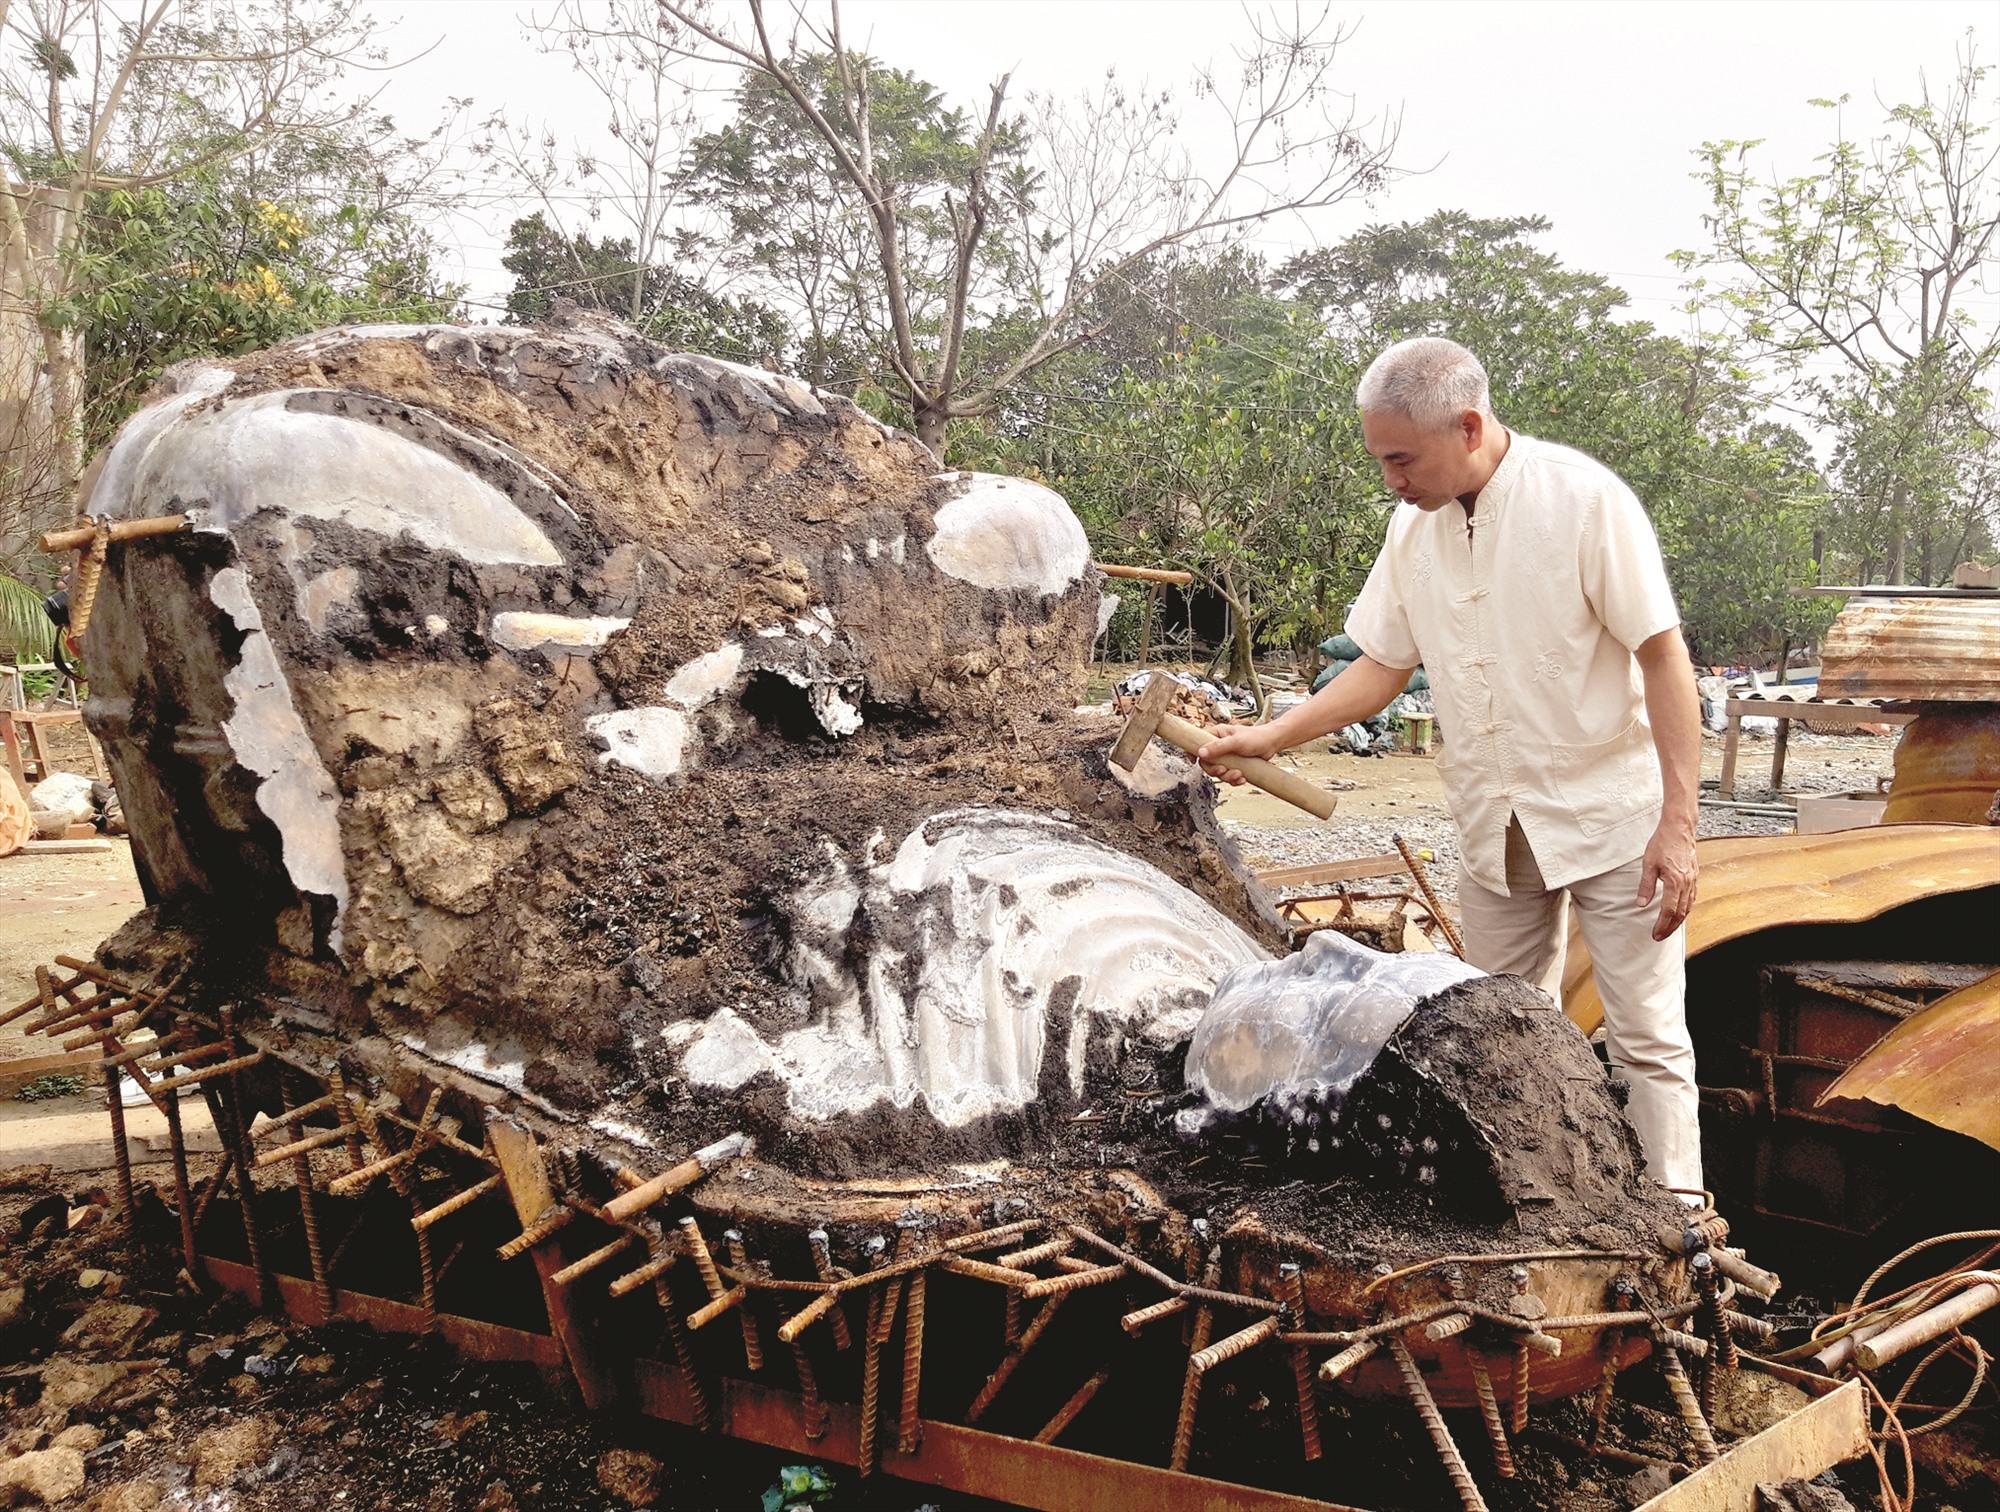 Nghệ nhân Nguyễn Bá Châu với sản phẩm tượng đồng vừa tháo khuôn. Ảnh: PHAN HOÀNG